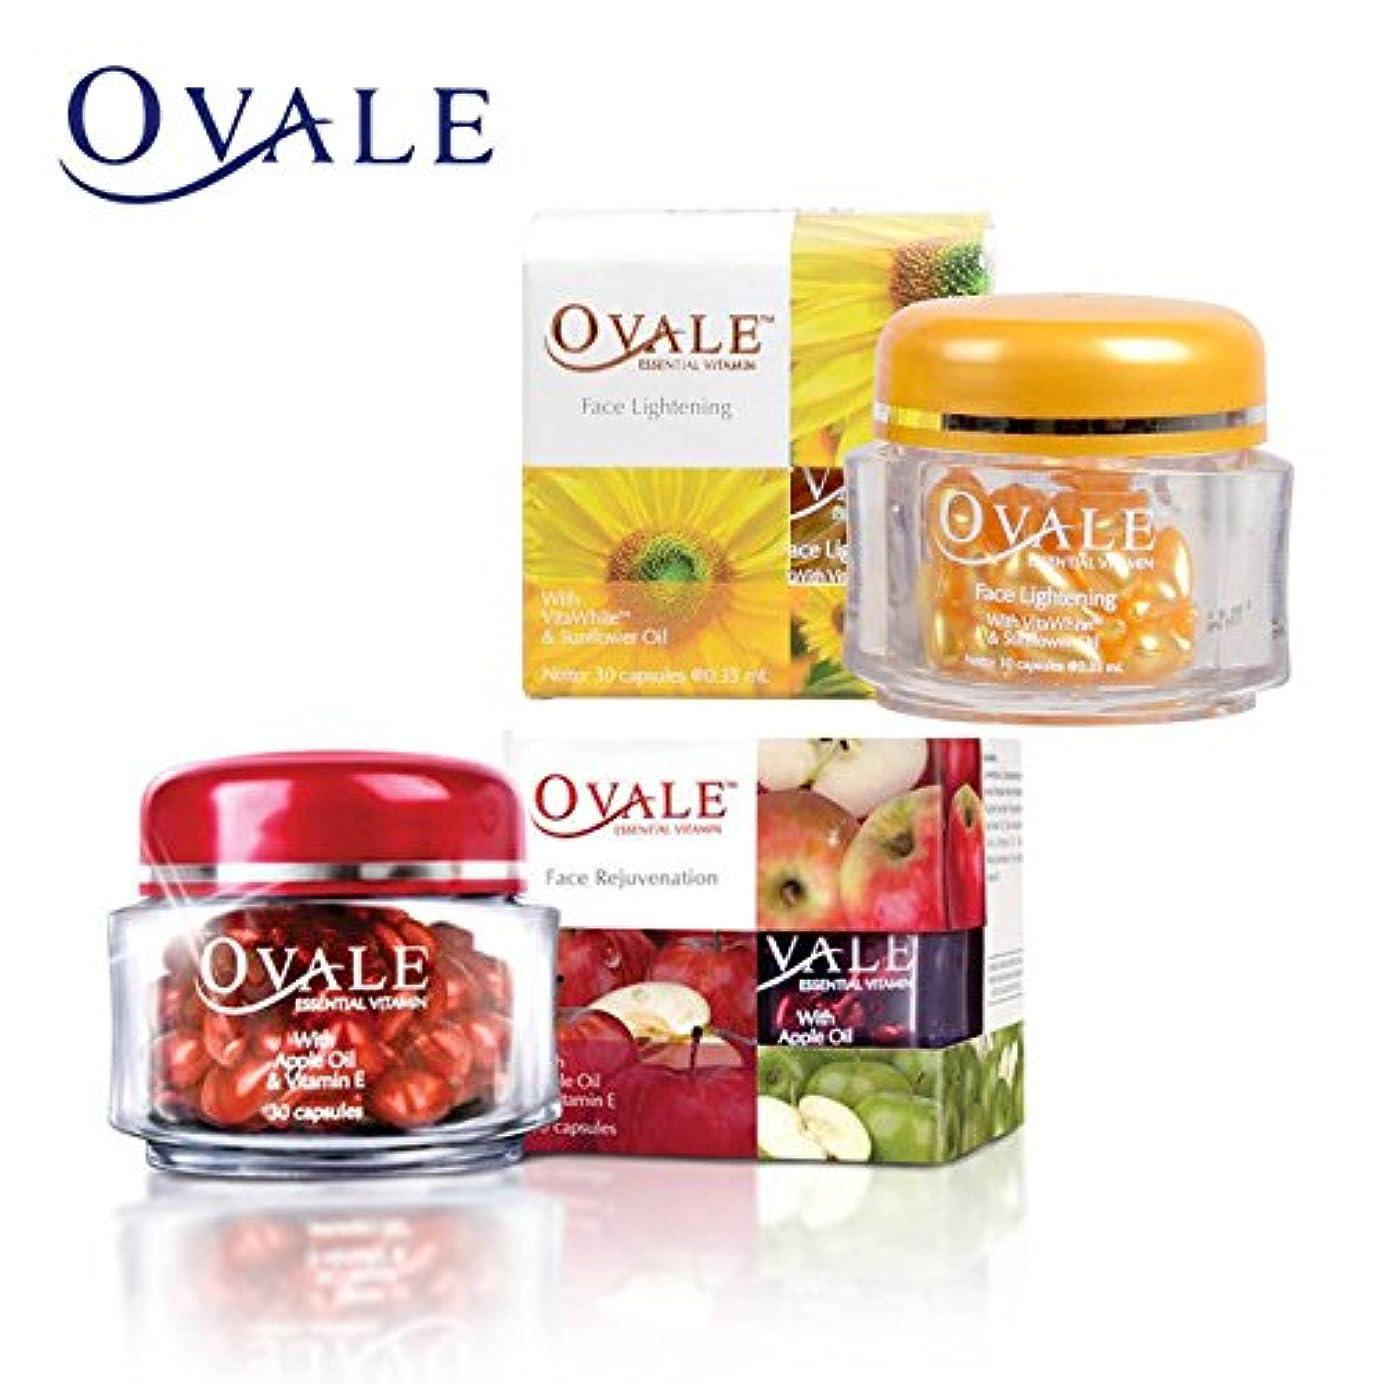 グローブ気分他にOvale オーバル フェイシャル美容液 essential vitamin エッセンシャルビタミン 30粒入ボトル×5個 サンフラワー [海外直送品]